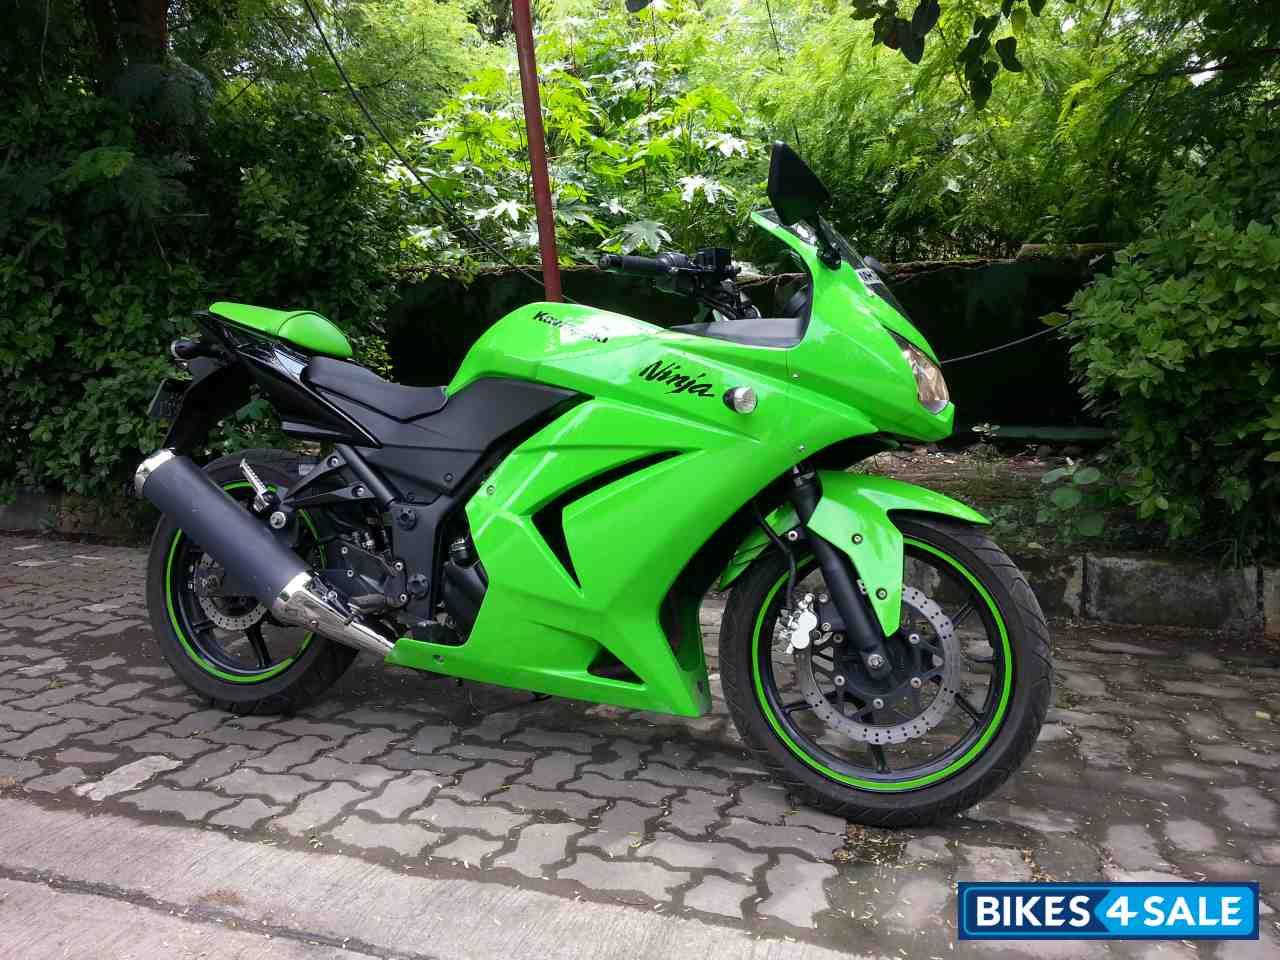 kawasaki ninja 250r bikes for sale used motorbikes autos post. Black Bedroom Furniture Sets. Home Design Ideas